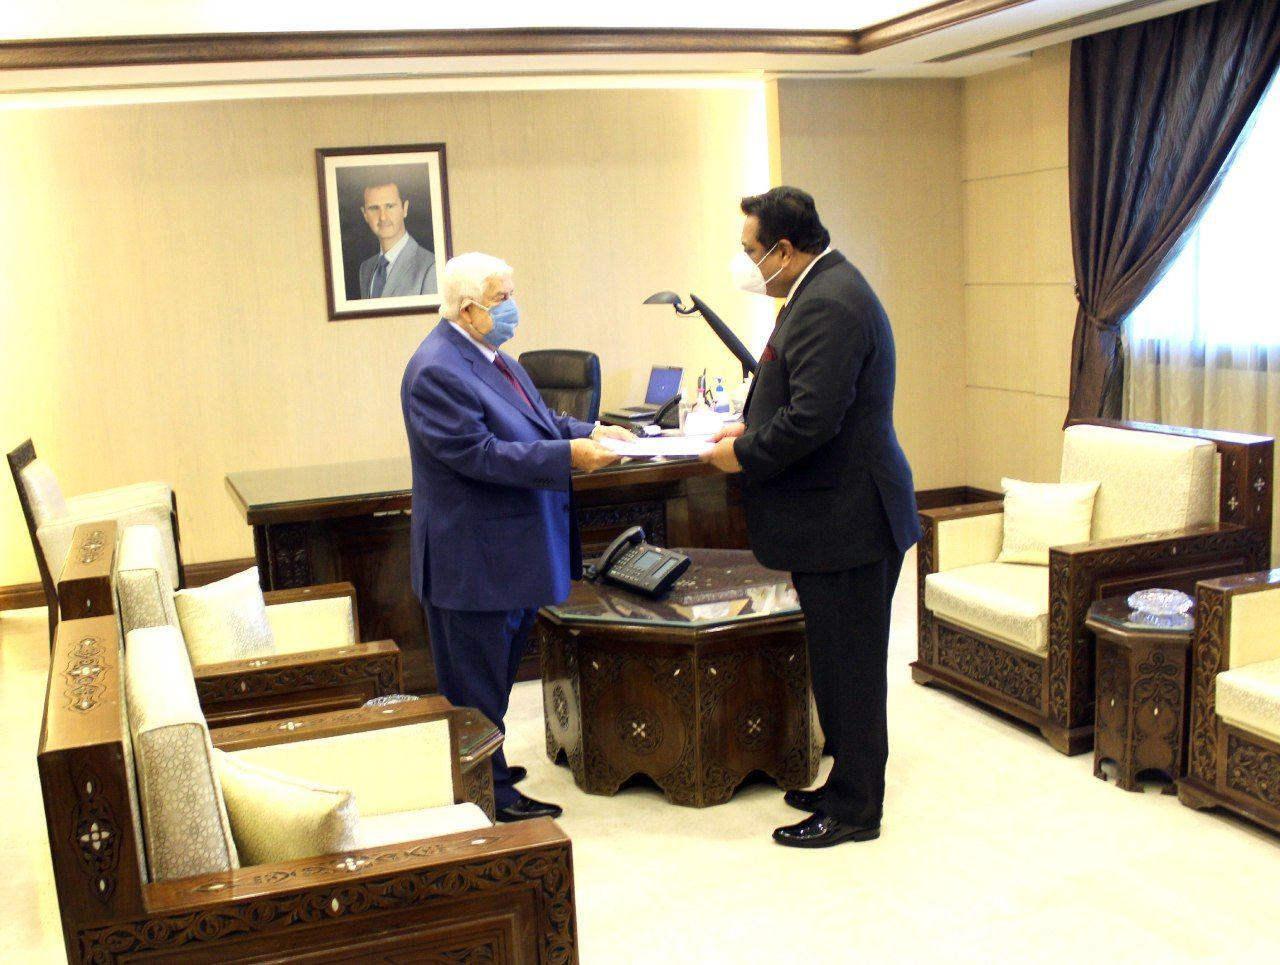 وزير الخارجية يتسلم اوراق اعتماد سفير جمهورية باكستان الإسلامية لدى الجمهورية العربية السورية.